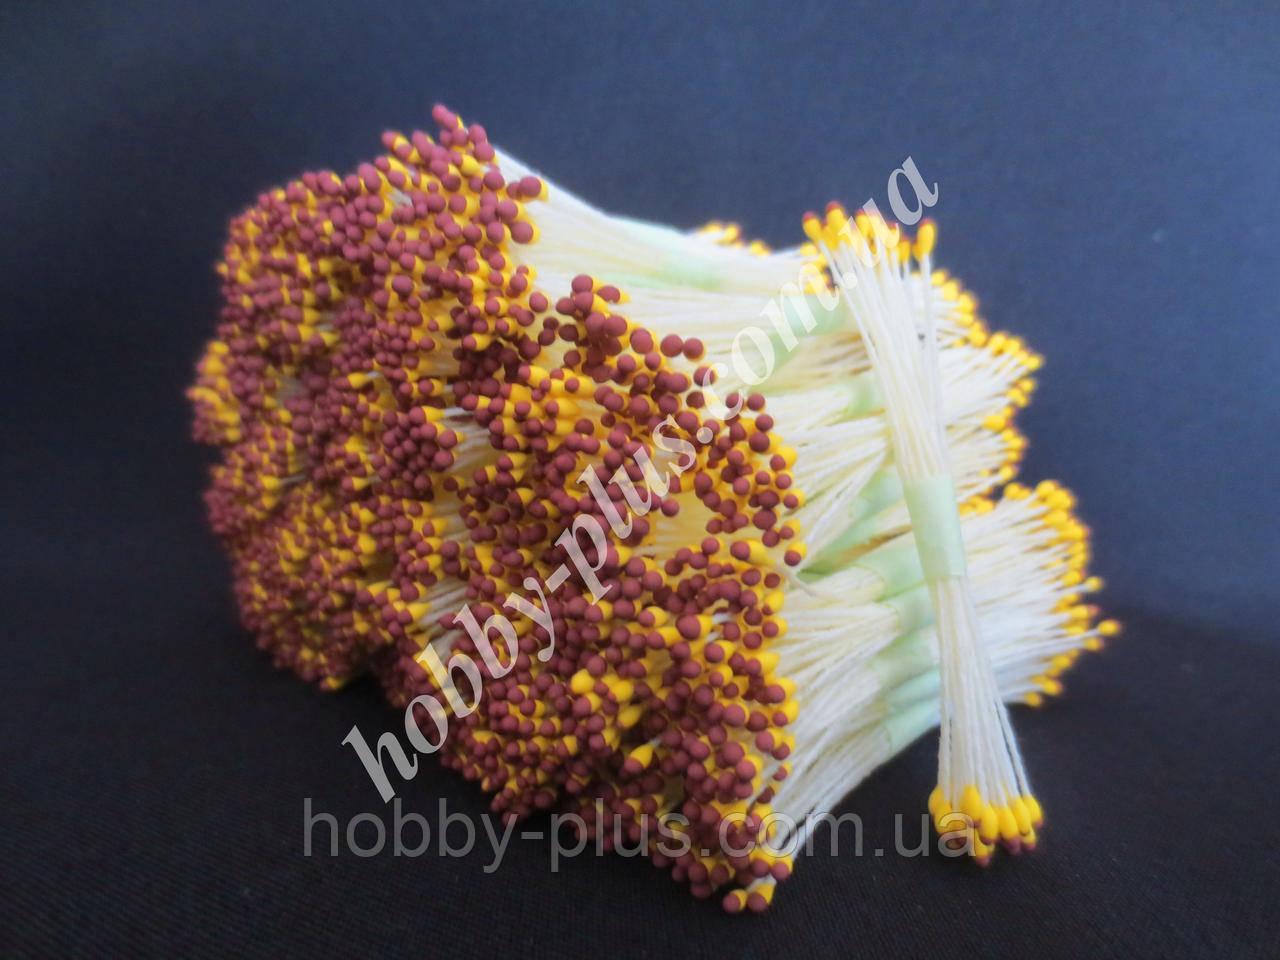 Тайские тычинки, КОРИЧНЕВО-ЖЕЛТЫЕ, мелкие на светло-желтой нити, 23-25 нитей, 50 головок